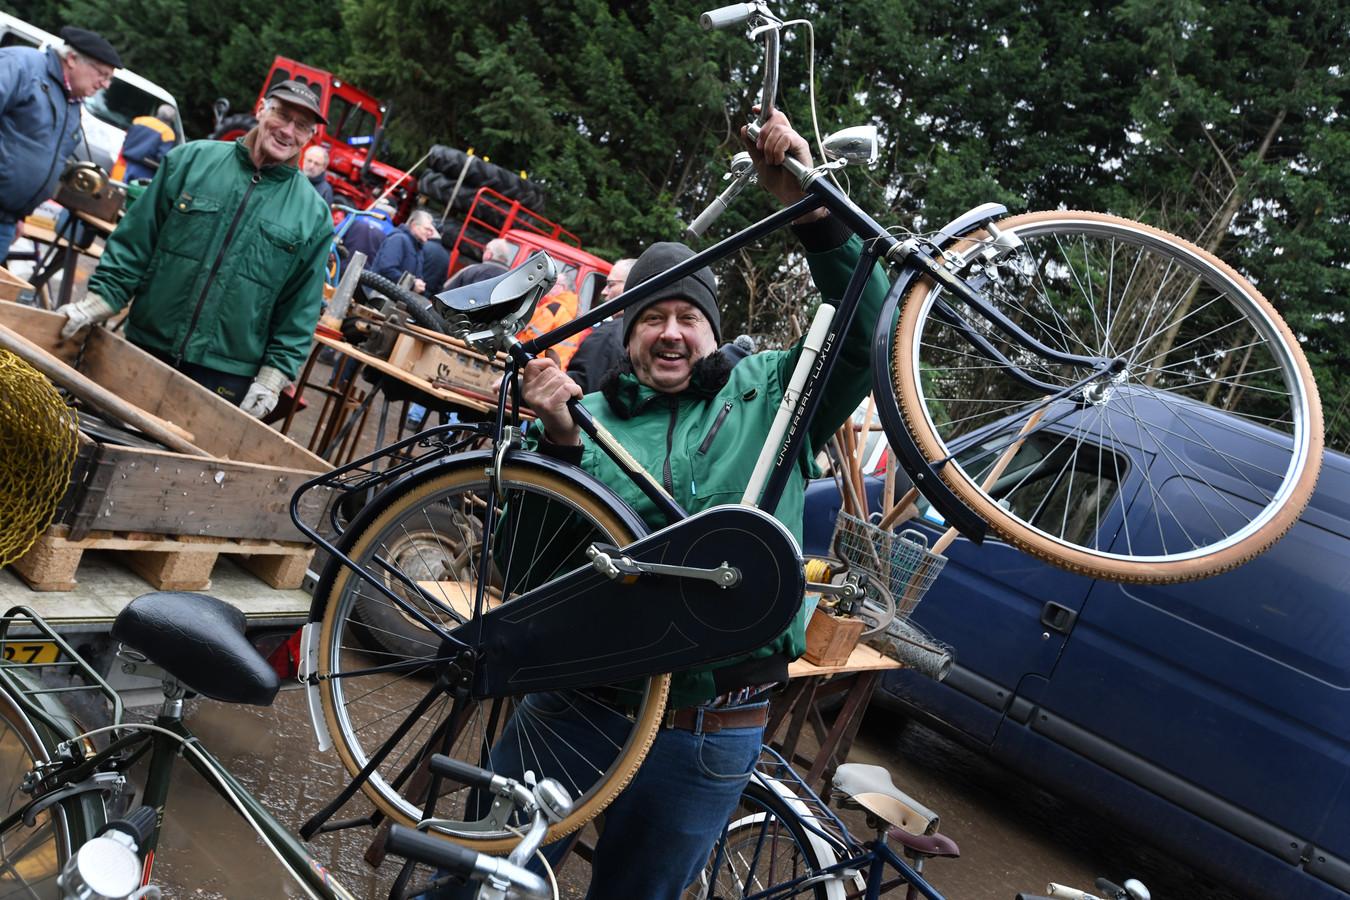 Een handelaar uit Kedichem biedt ongebruikte fietsen aan van 35 jaar oud. Het garantiebewijs zit nog aan het zadel.